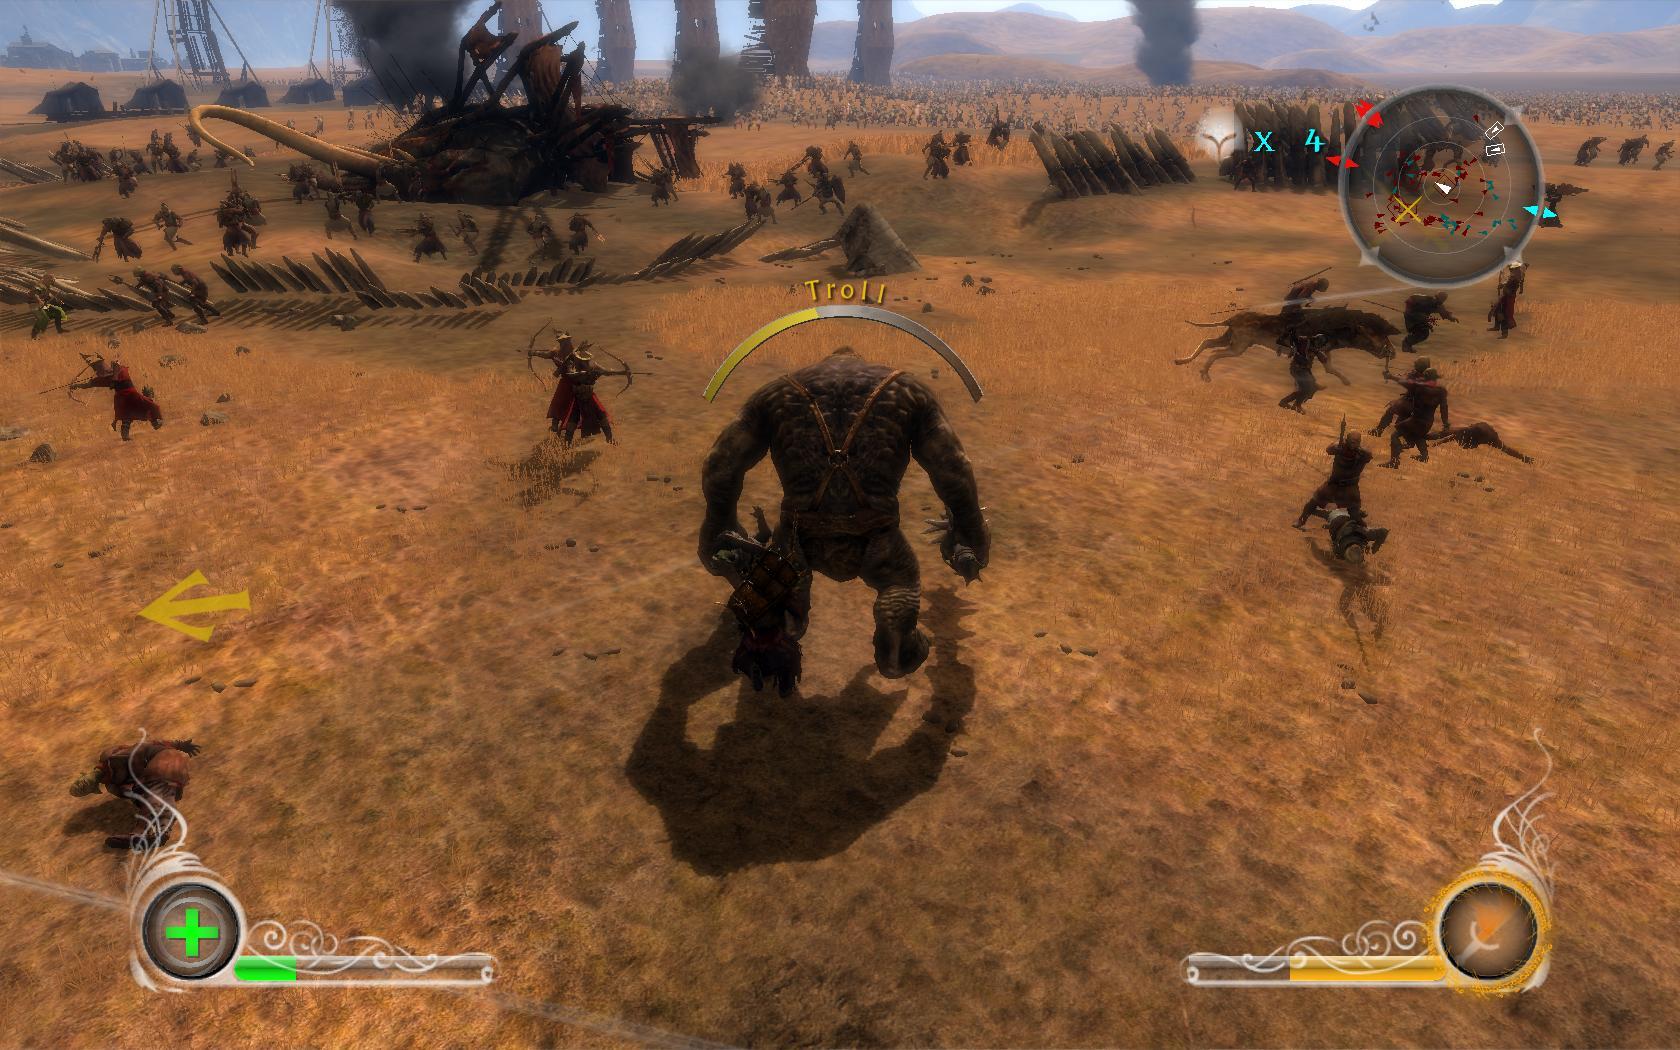 Herr der Ringe Games - Die Eroberung - Ein Troll in einer Kulisse